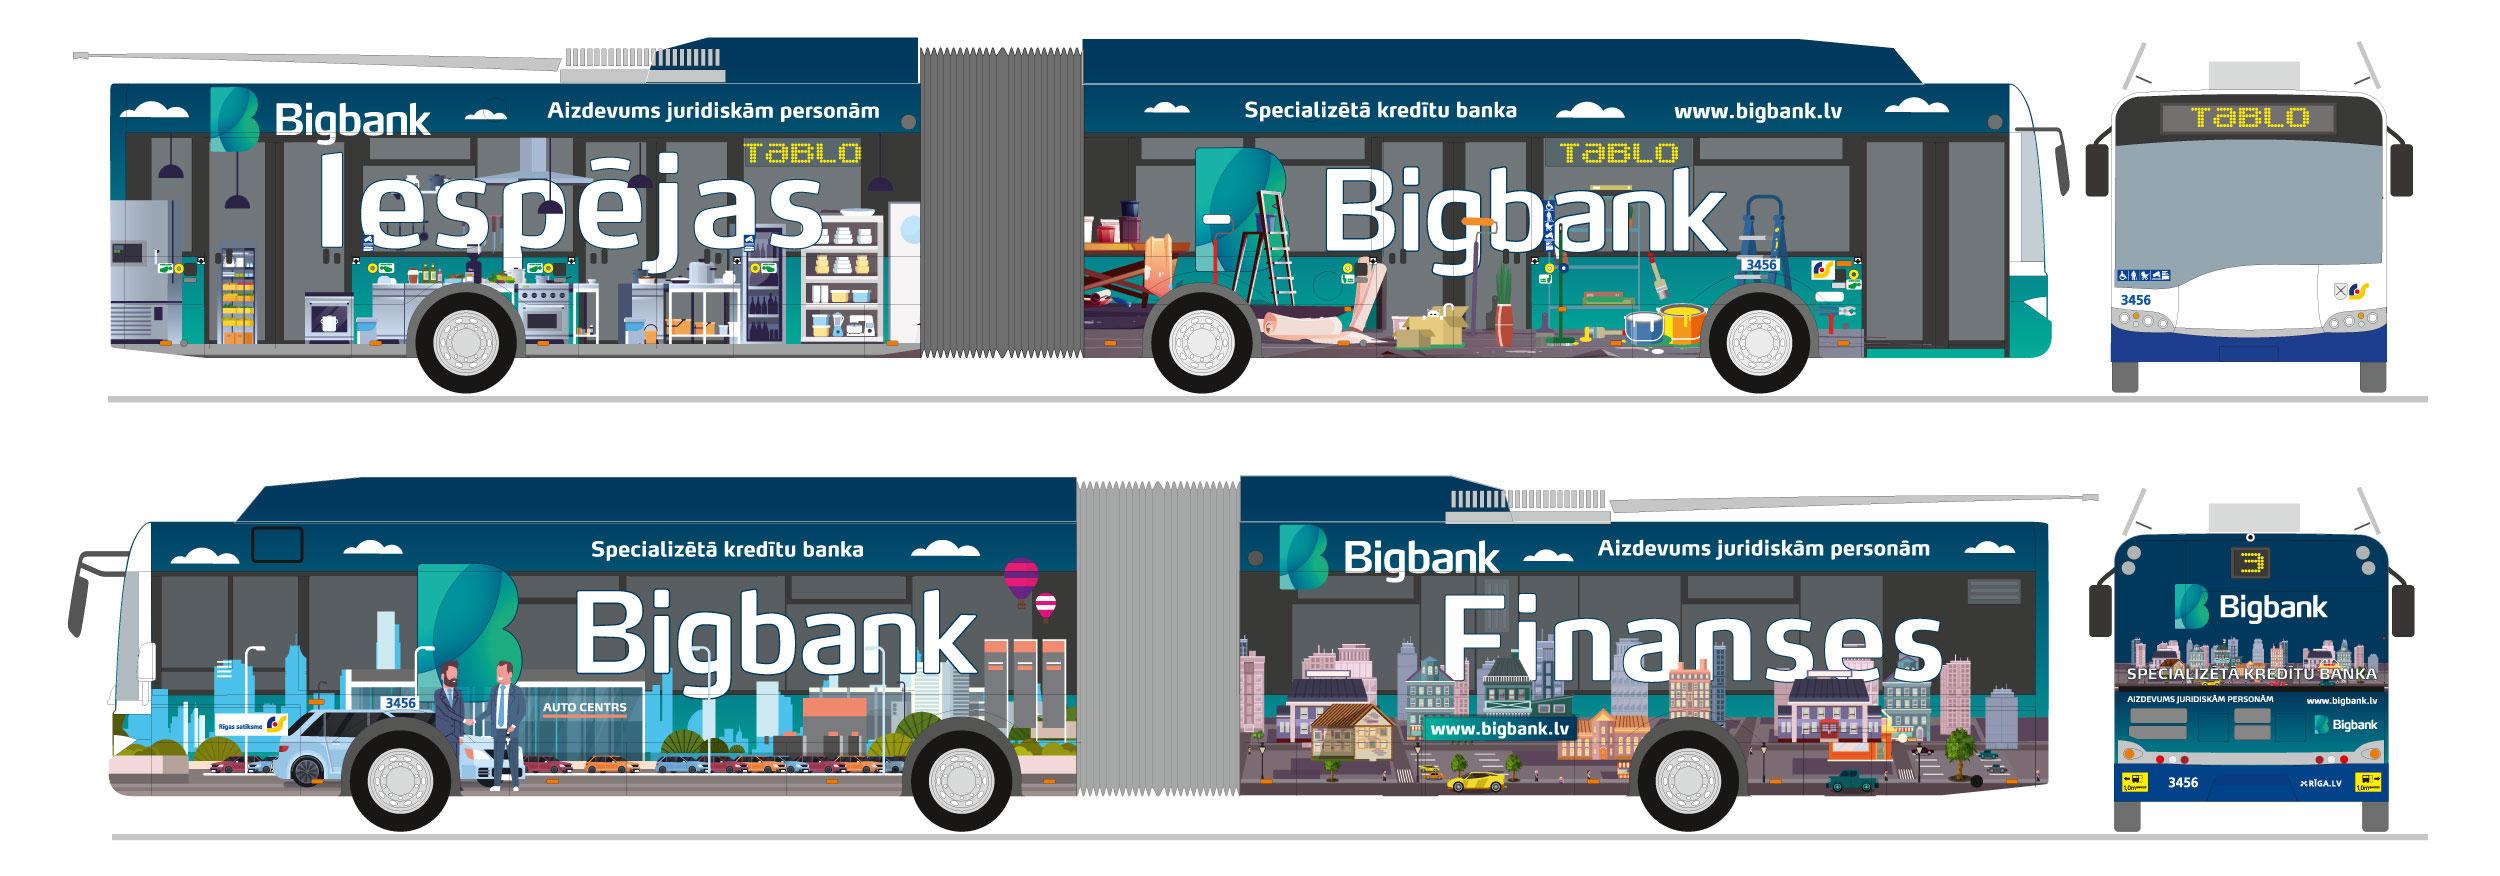 BB_trolejbuss